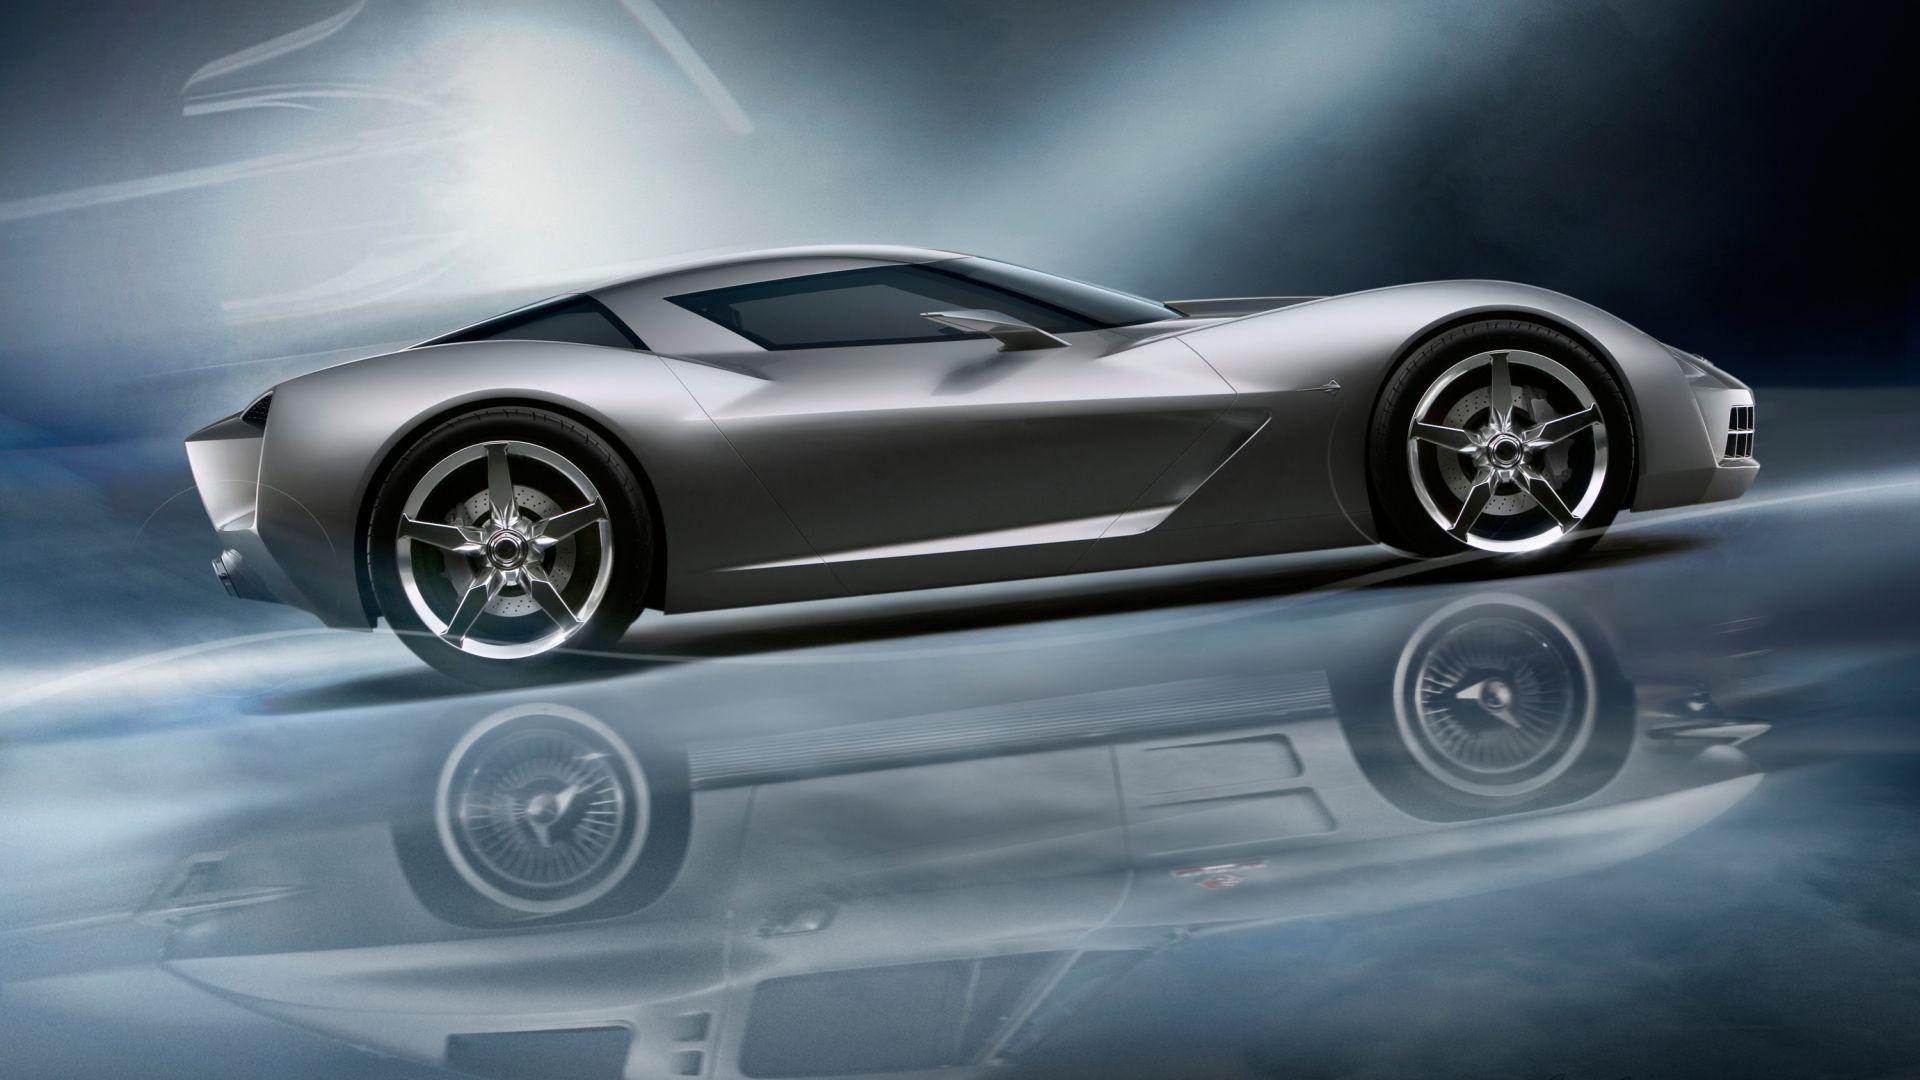 Wallpaper Chevrolet Corvette Stingray, concept cars